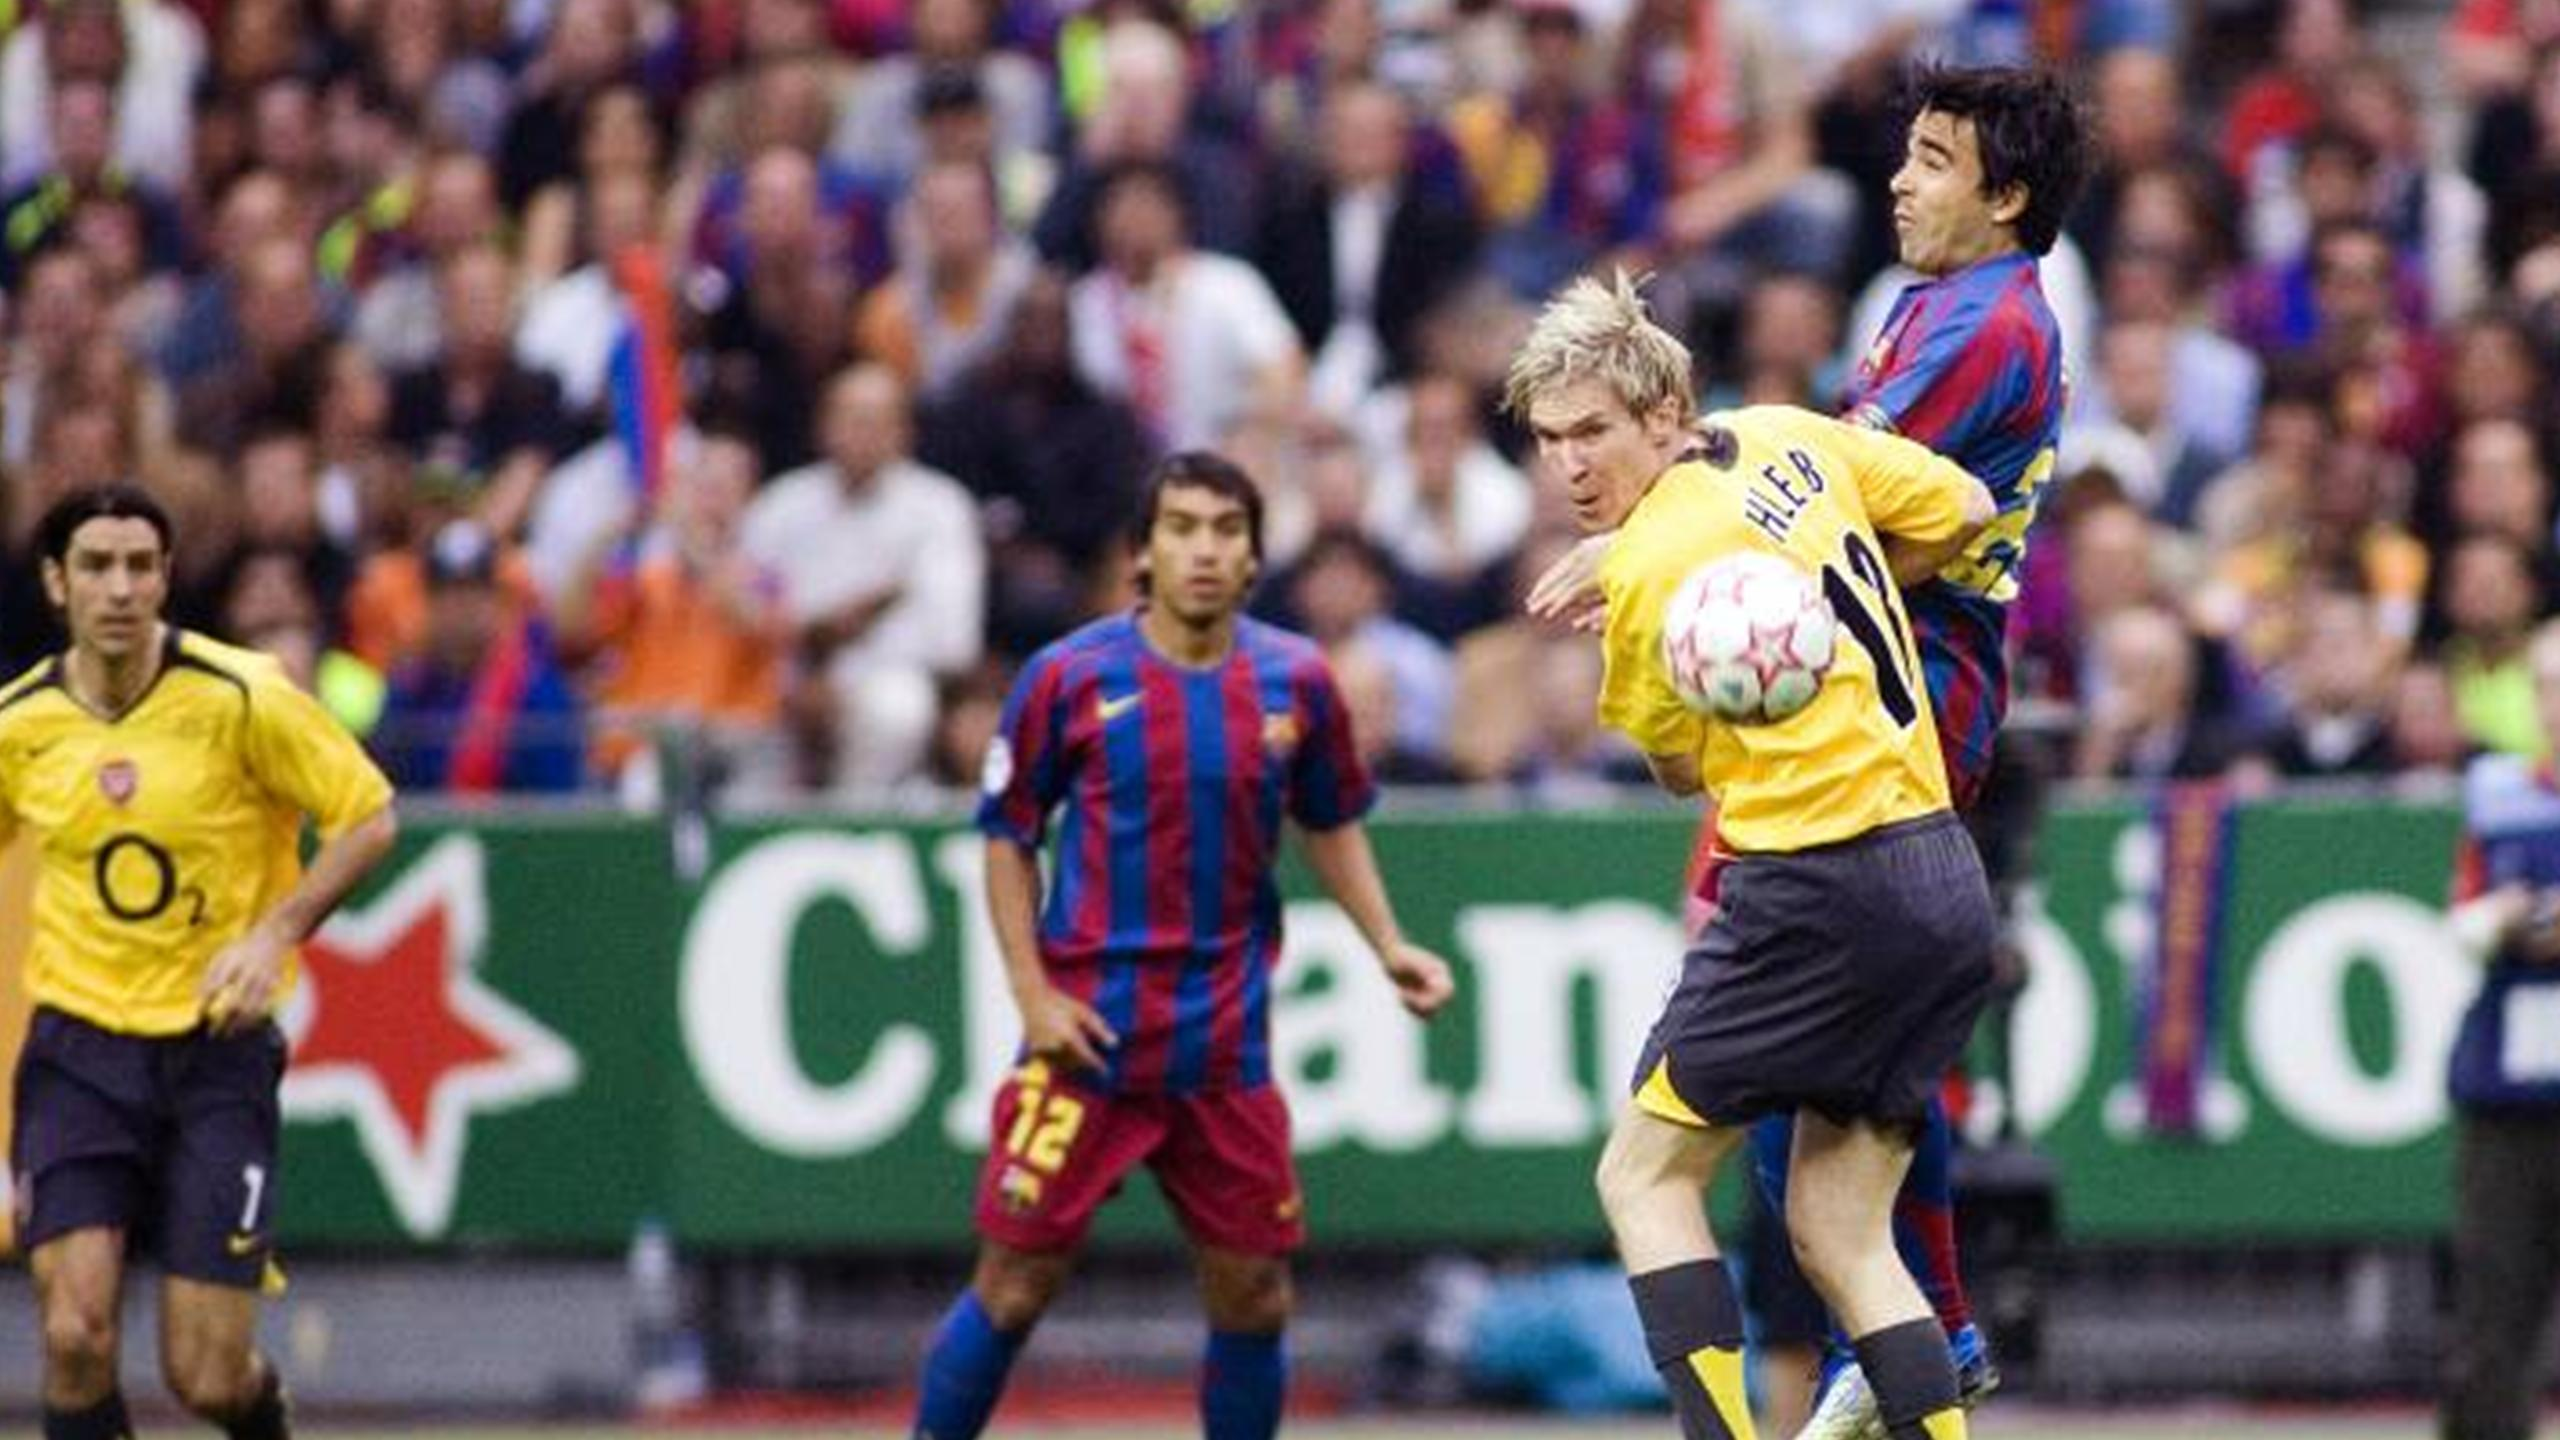 Футбол чемпионат испании 2007 результаты 17. 06. 07